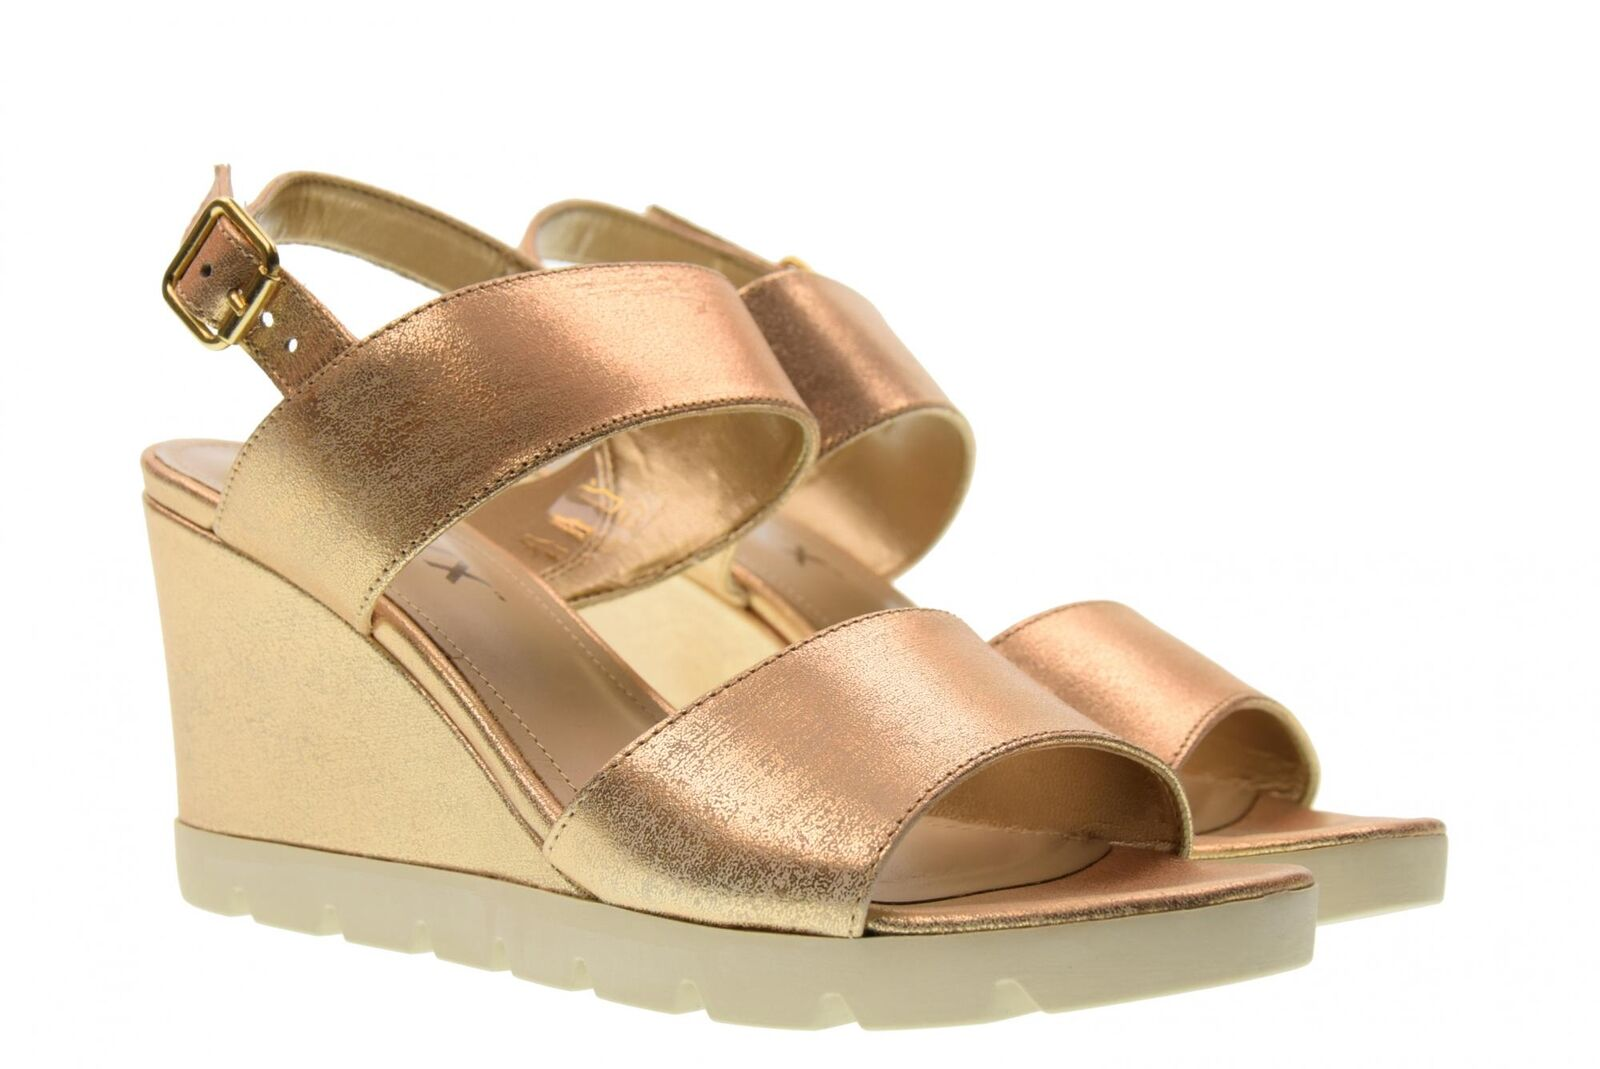 The Flexx Womens shoes Wedge Sandals b606_38 julielot gold p18g